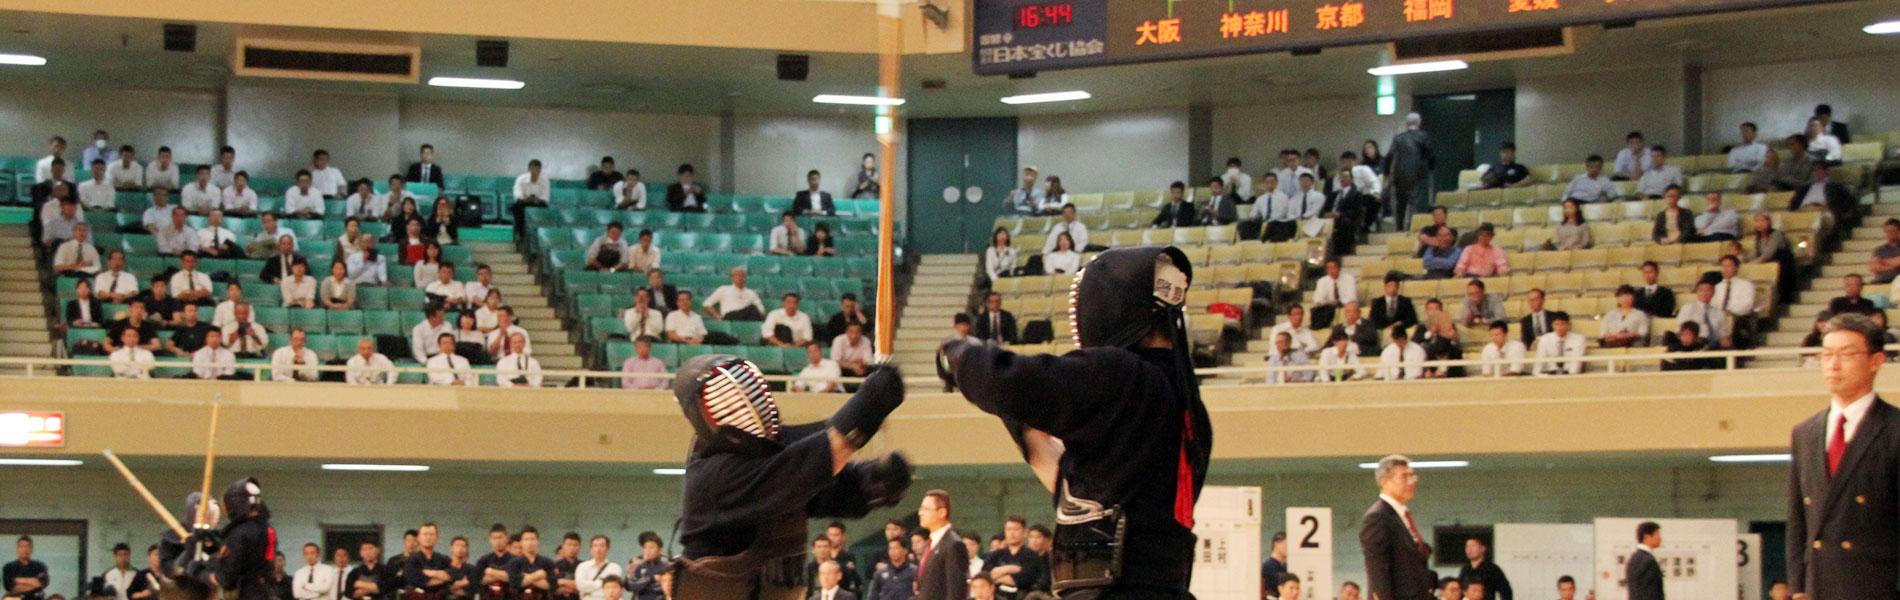 全国警察剣道大会